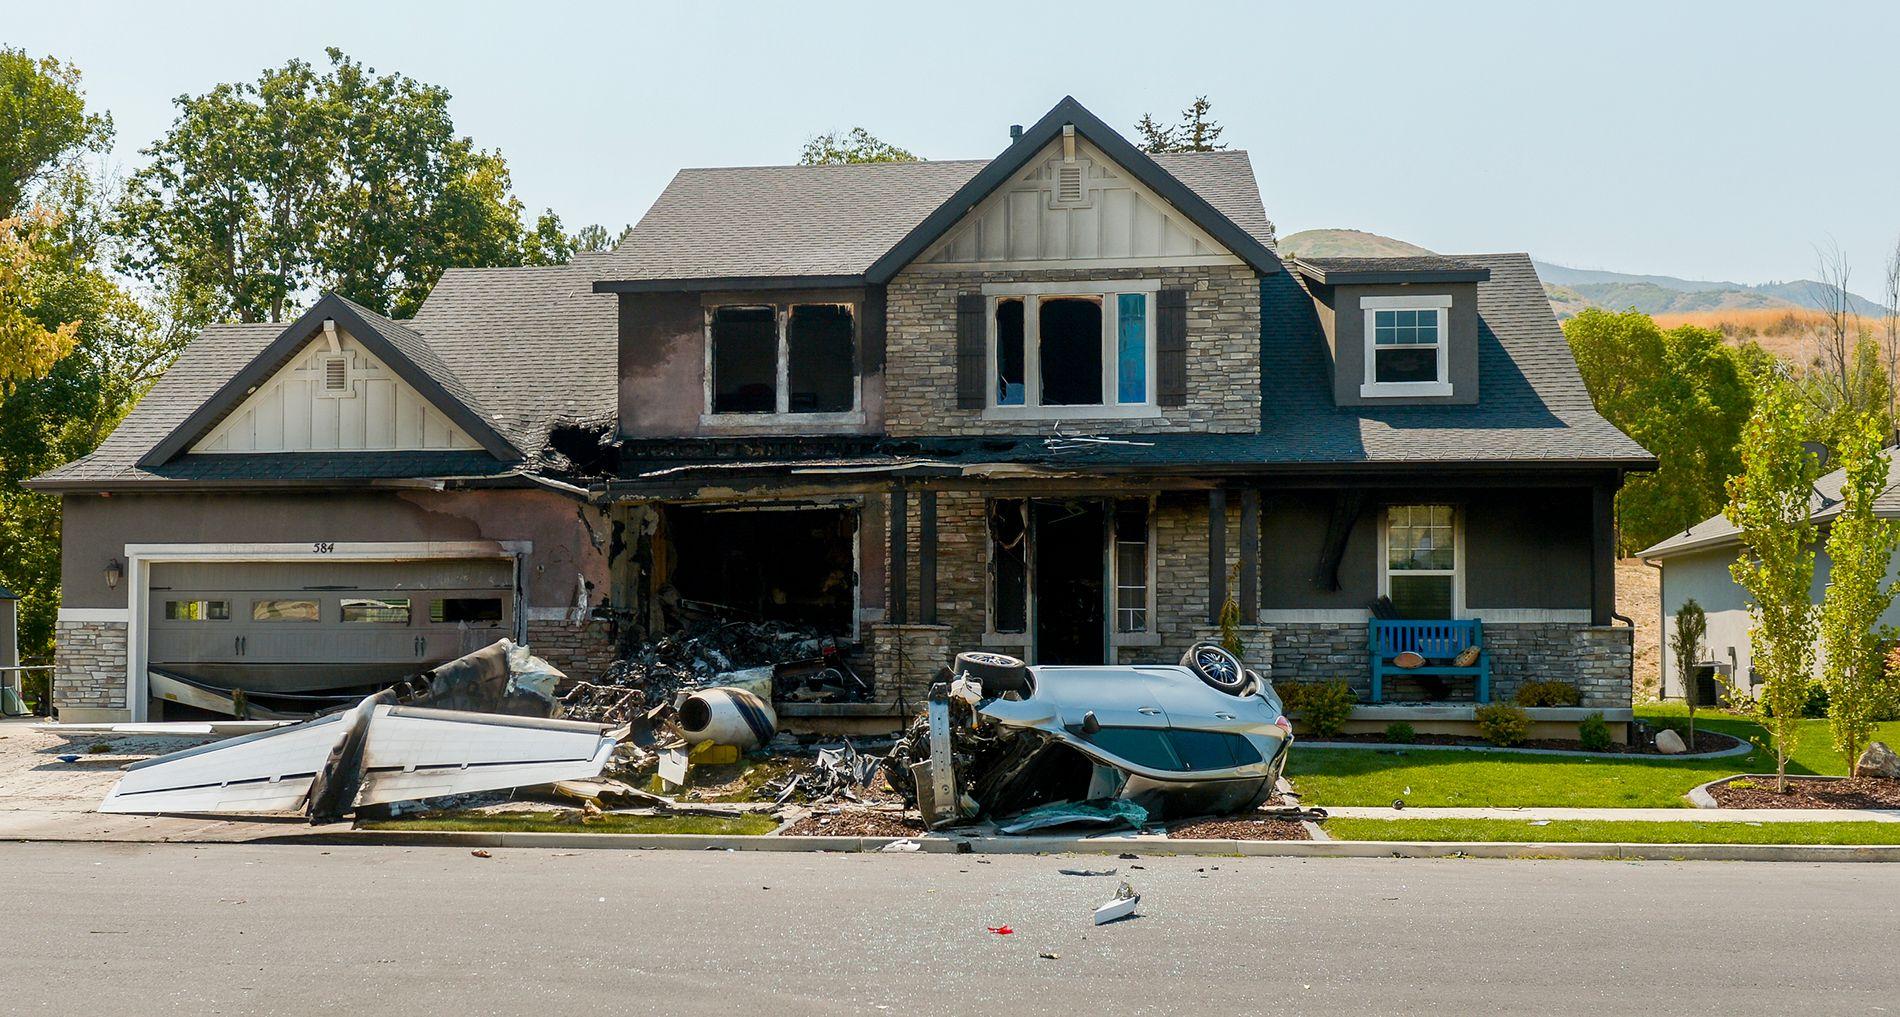 STORE ØDELEGGELSER: Bildet viser vrakrestene fra småflyet Duane Yuod styrtet inn i huset sitt. Frontpartiet til huset og en bil fikk store skader i sammenstøtet.